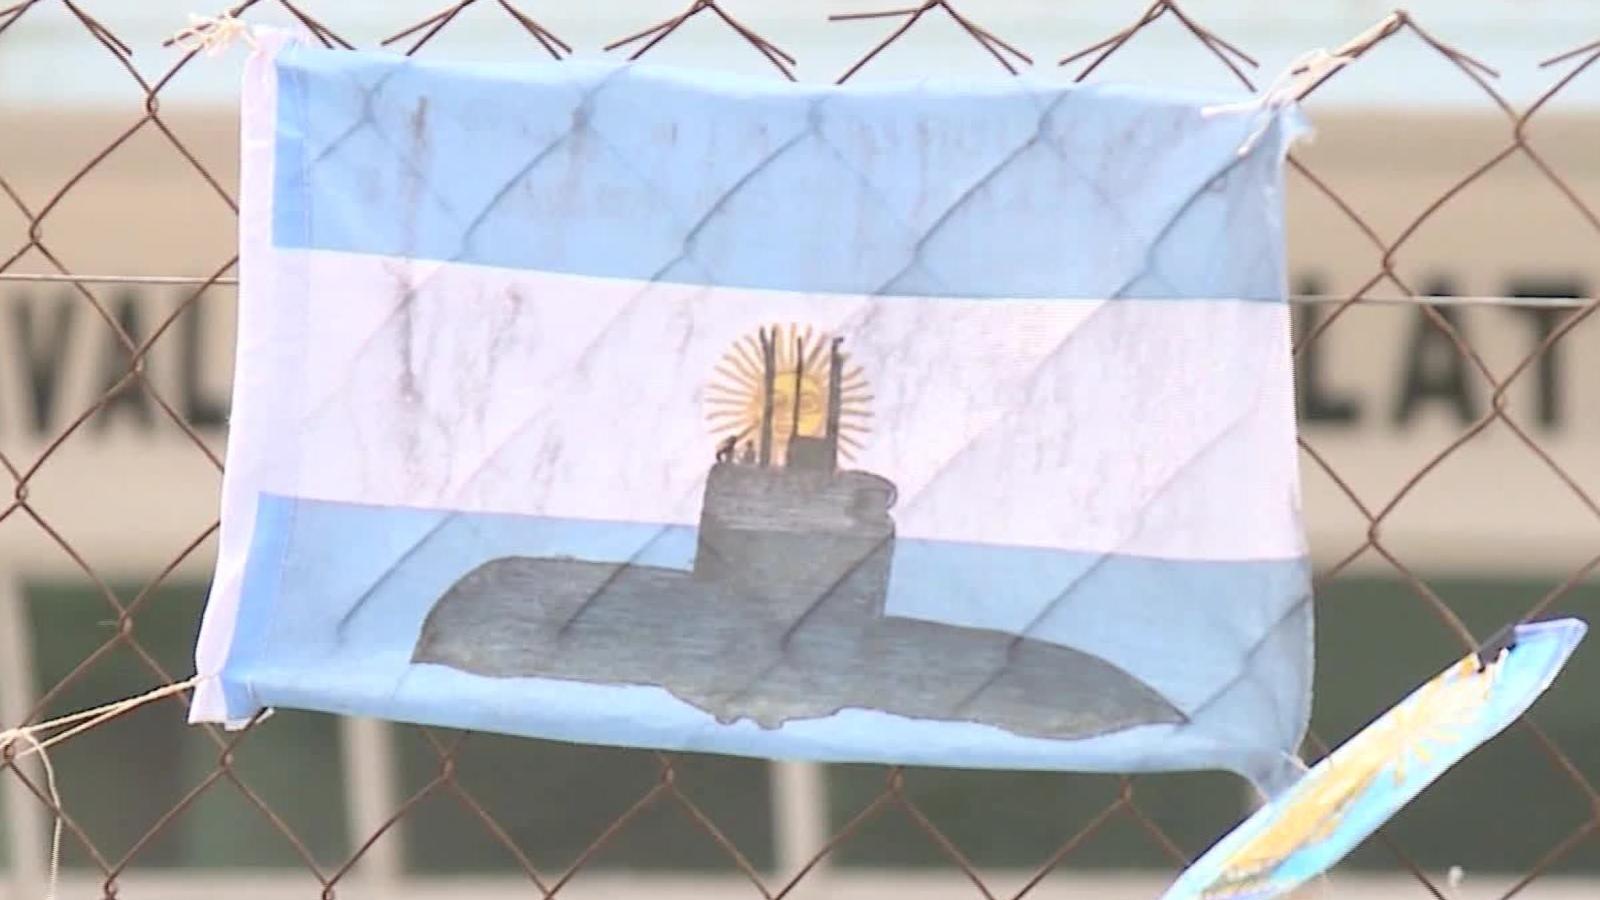 ÚLTIMA HORA Armada Argentina confirma el hallazgo del submarino ARA San Juan https://t.co/rqt120r5Ld https://t.co/Ee01NyJn6D